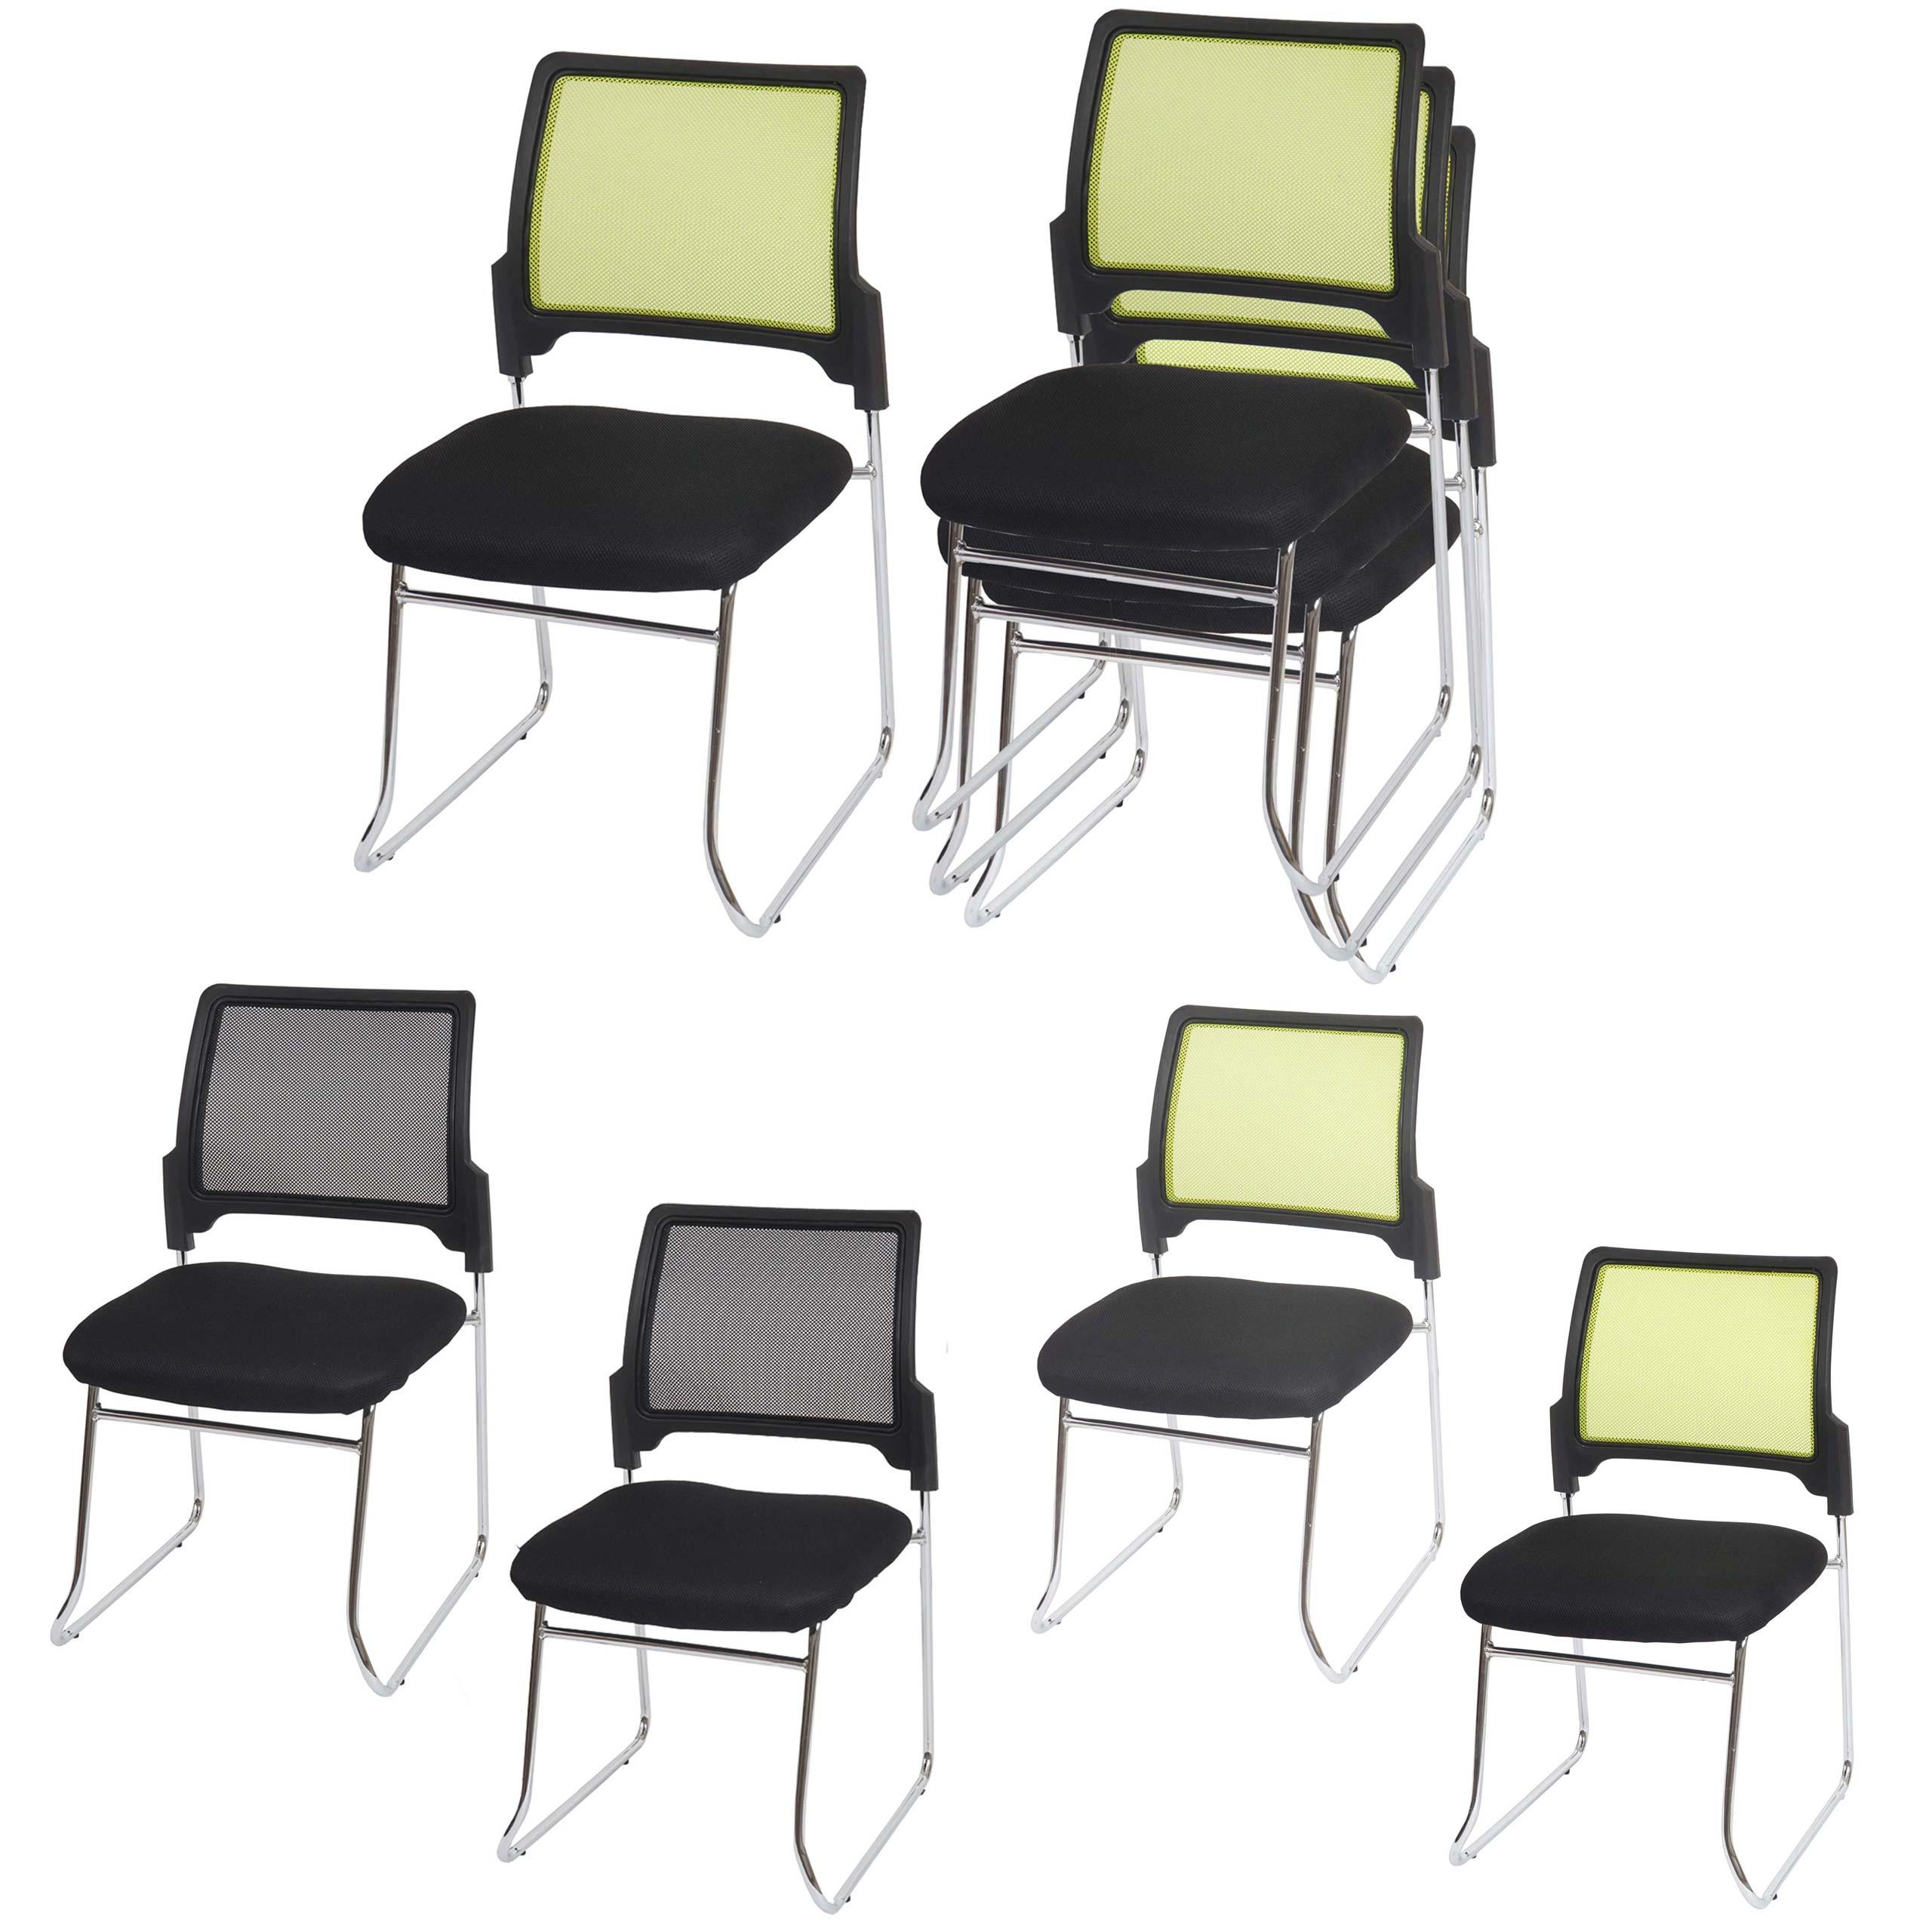 2x oder 4x konferenzstuhl beveren besucherstuhl stapelbar textil ebay. Black Bedroom Furniture Sets. Home Design Ideas